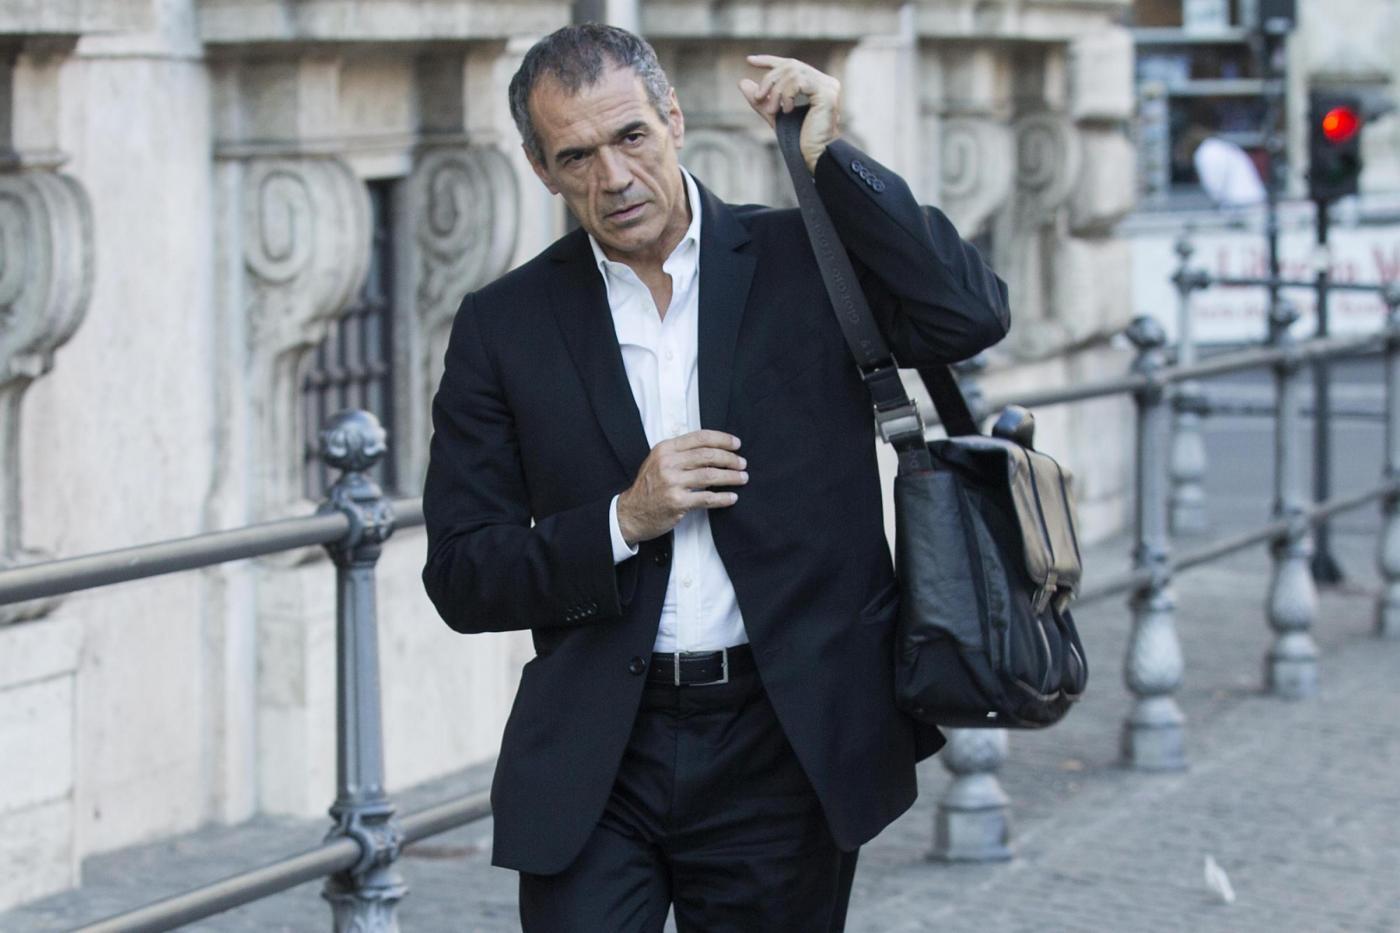 Dossier Cottarelli sulla spending review: come il commissario voleva tagliare